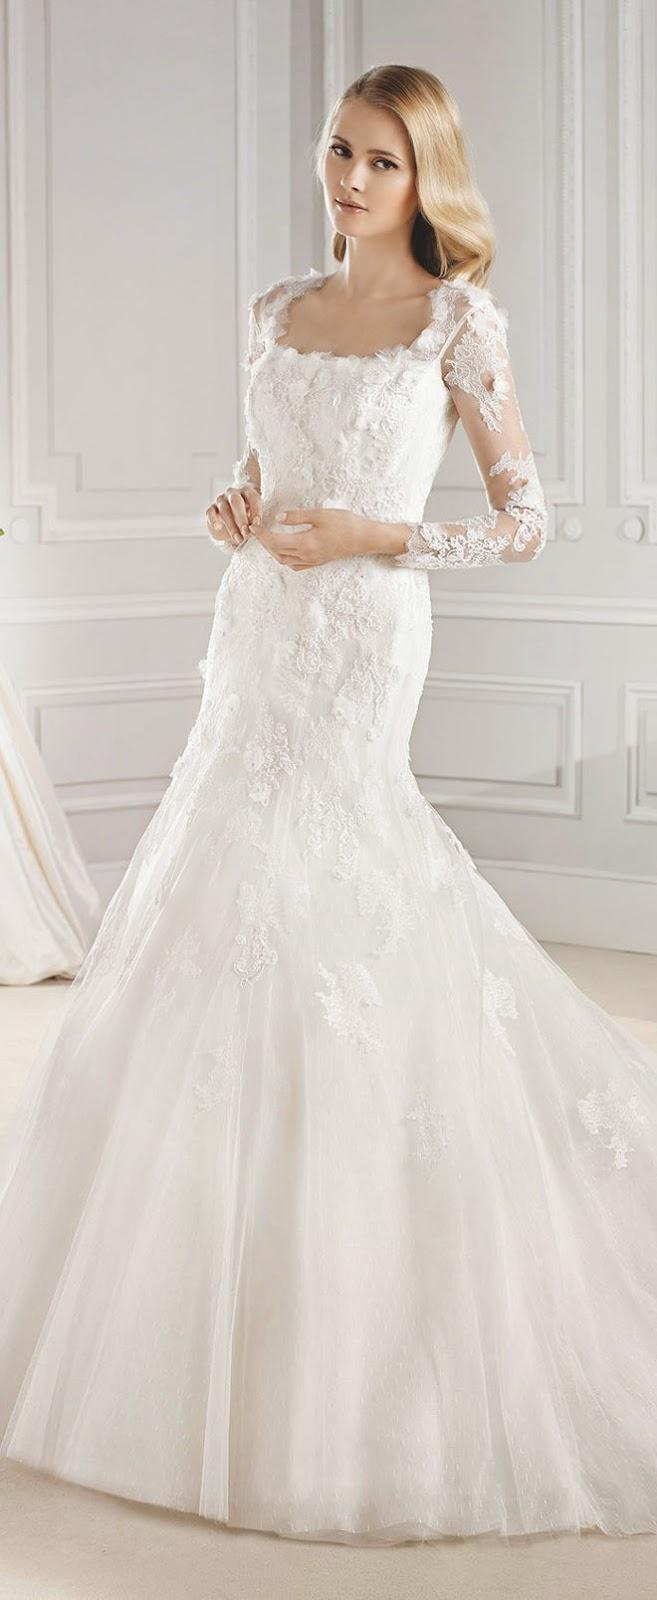 86f5826981 La Sposa Barcelona 2015 Bridal Collections - Belle the Magazine ...